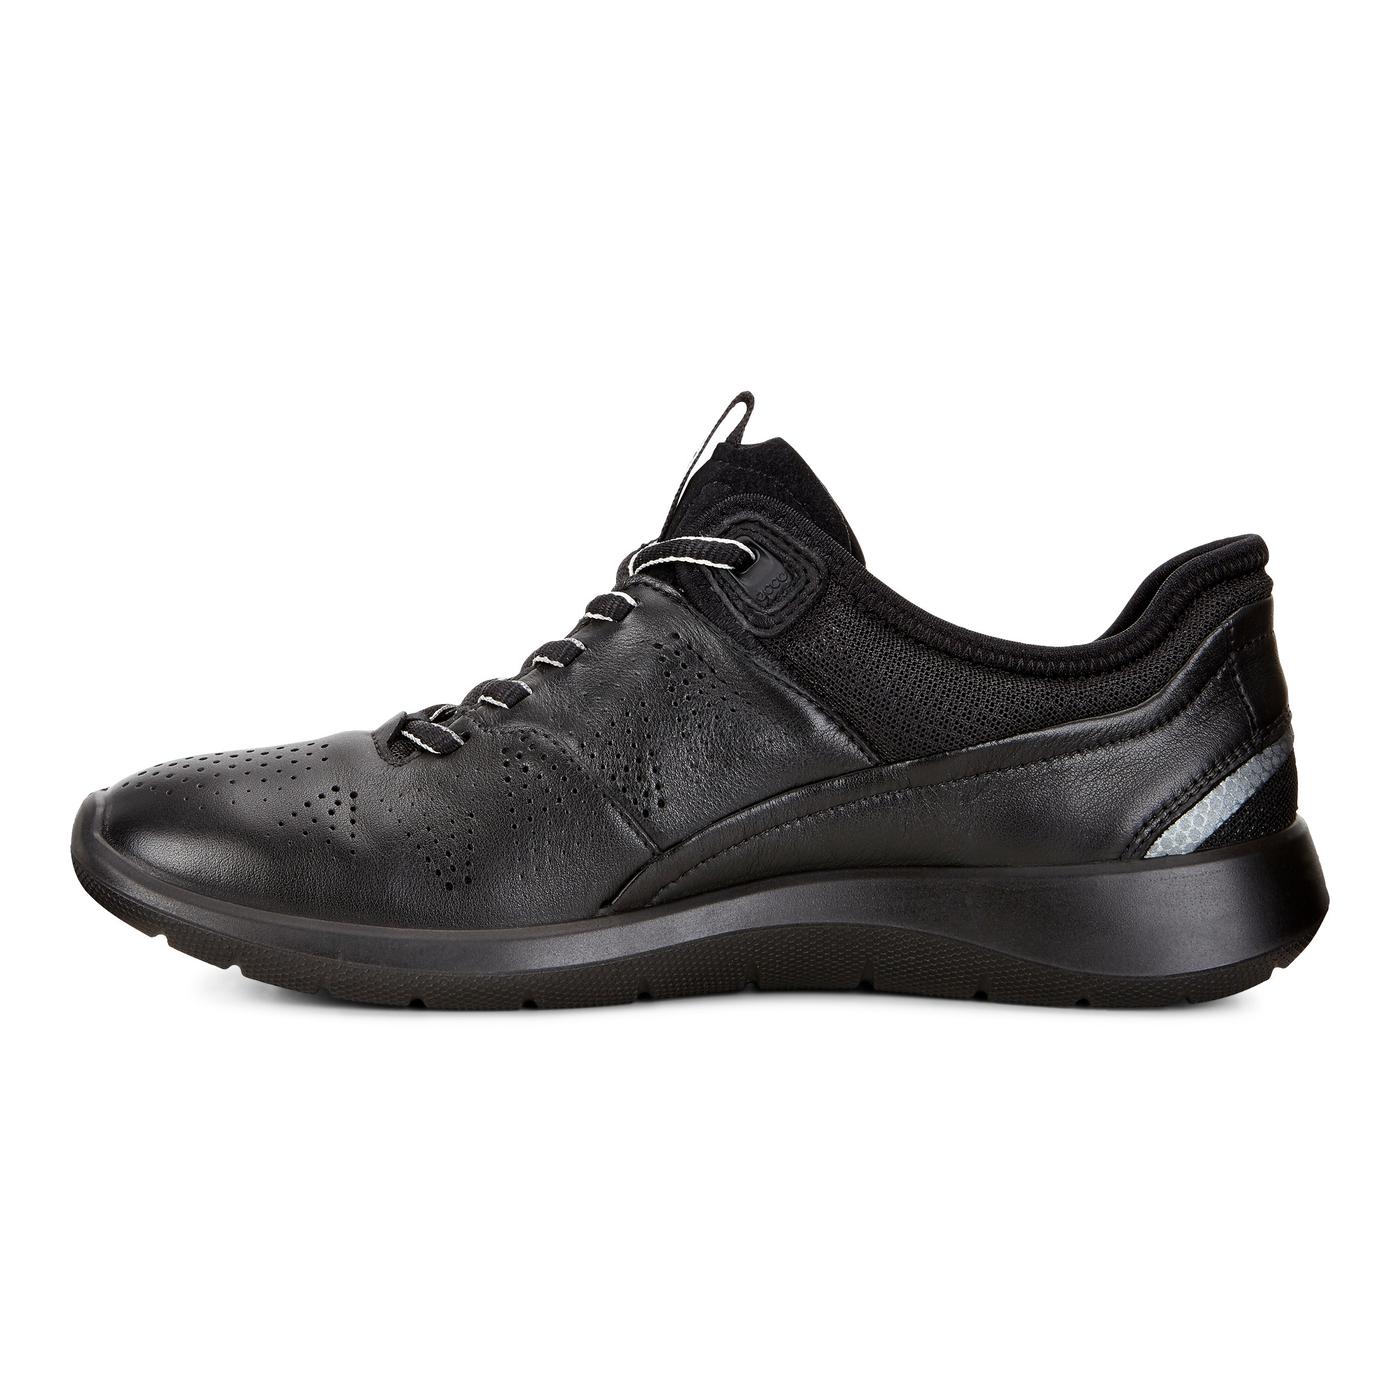 ECCO Soft 5 Sneaker